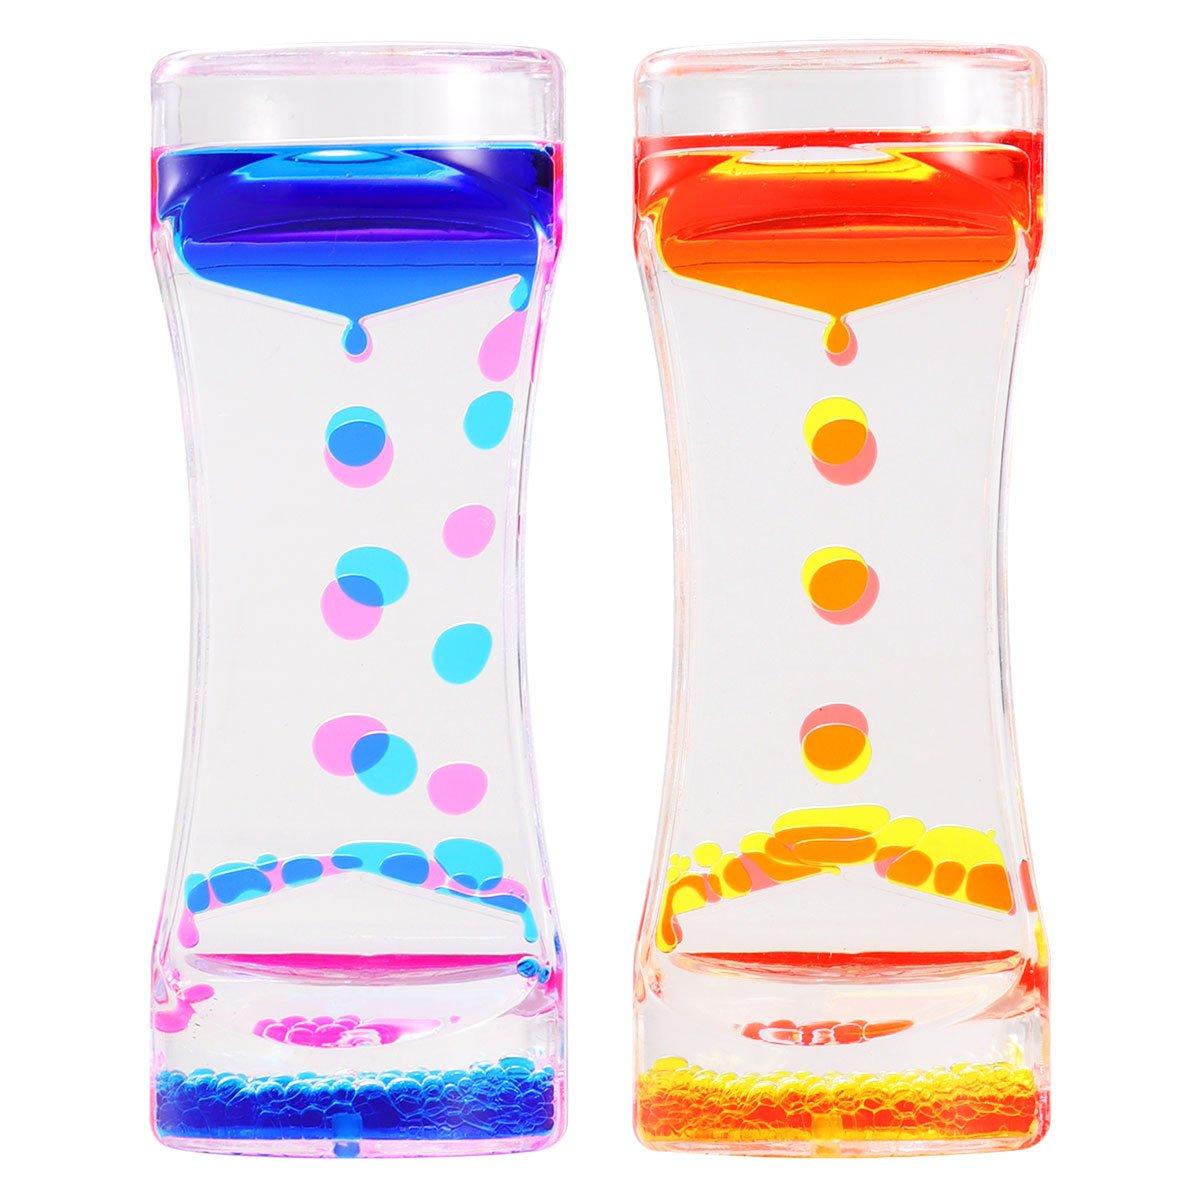 bestomz 2Pcs Liquid Motion Timer Sablier à eau avec Sensory Play, jouet de table Relax comme cadeau